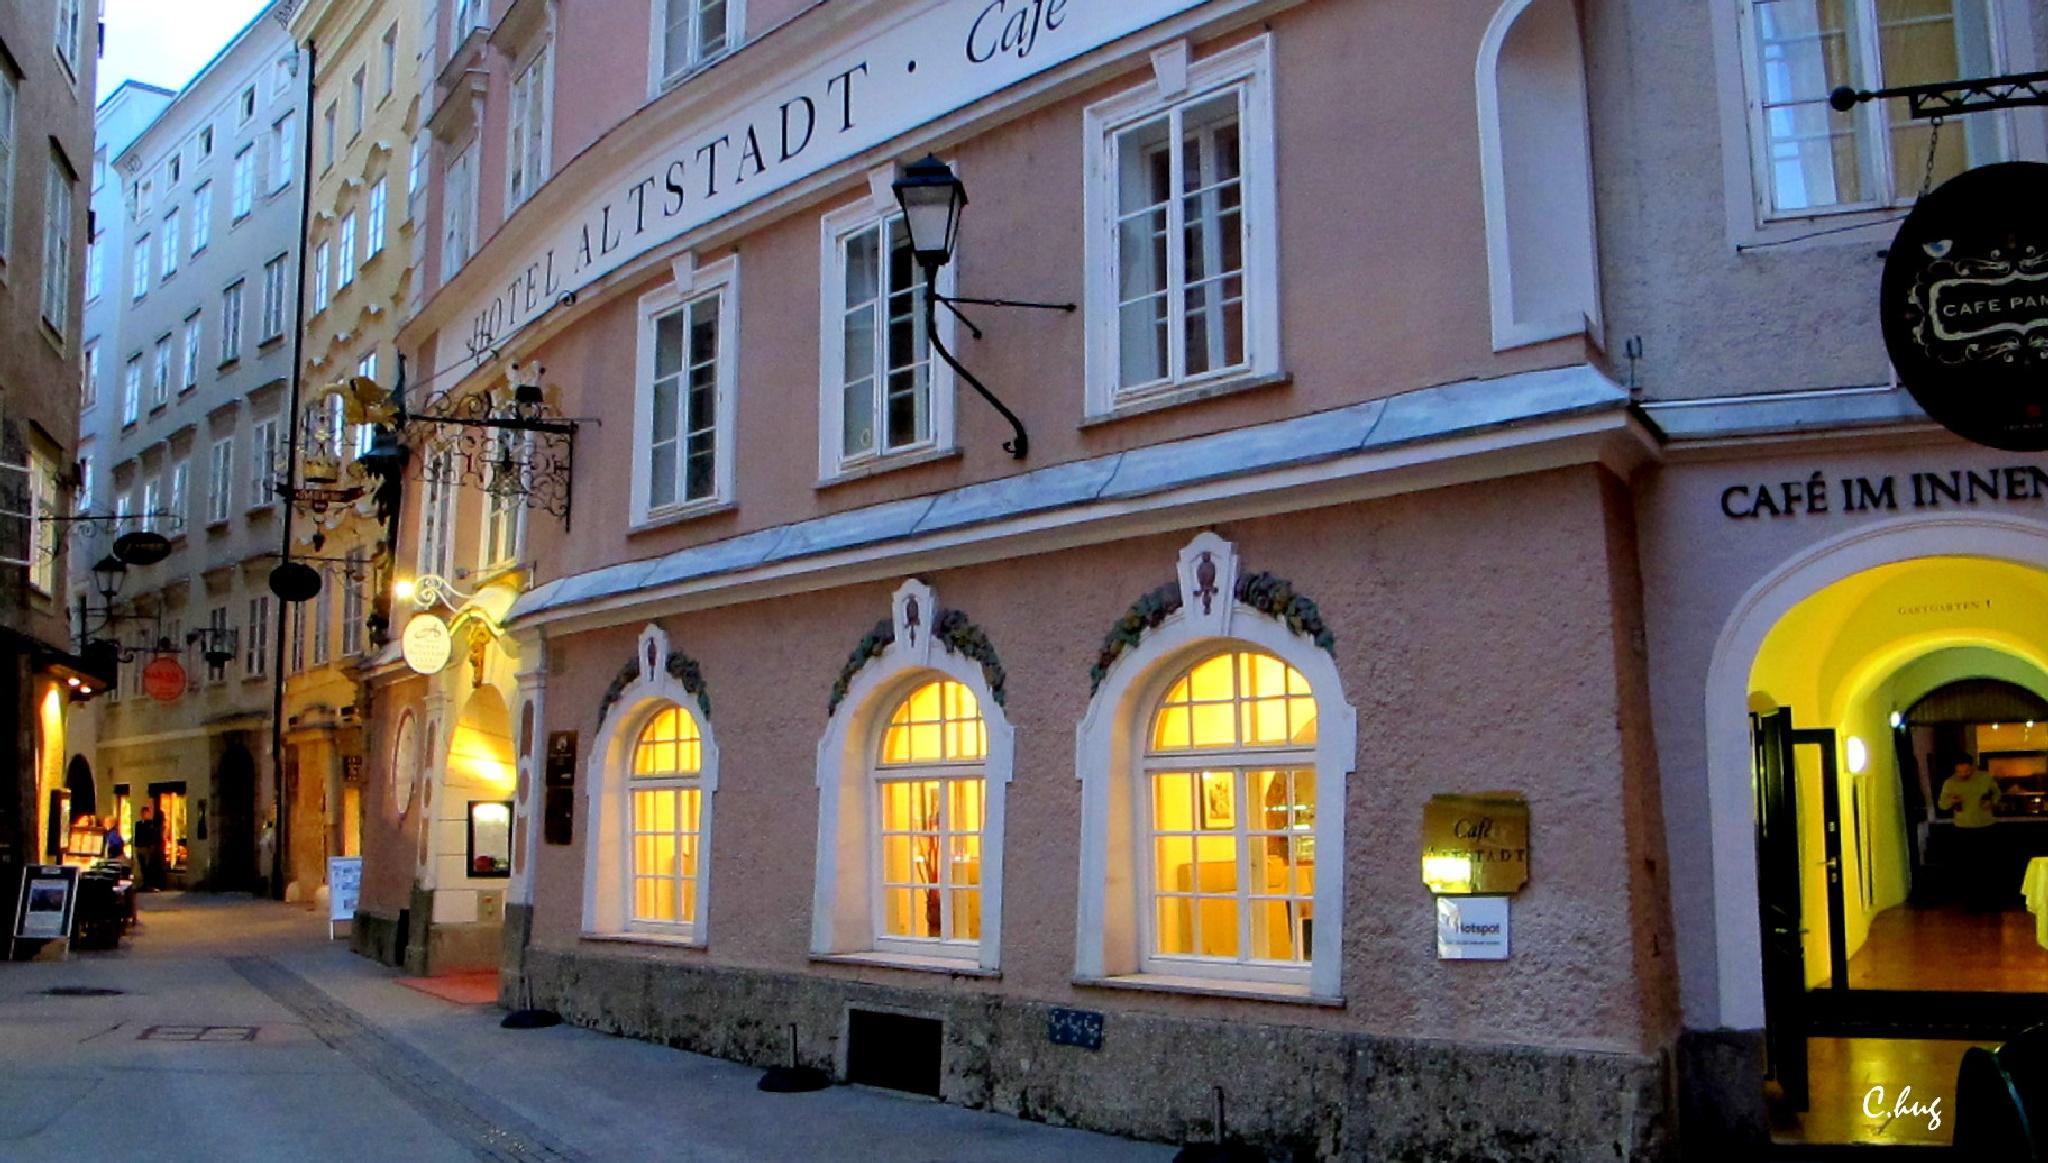 Altstadt Café by Huguenin Claude